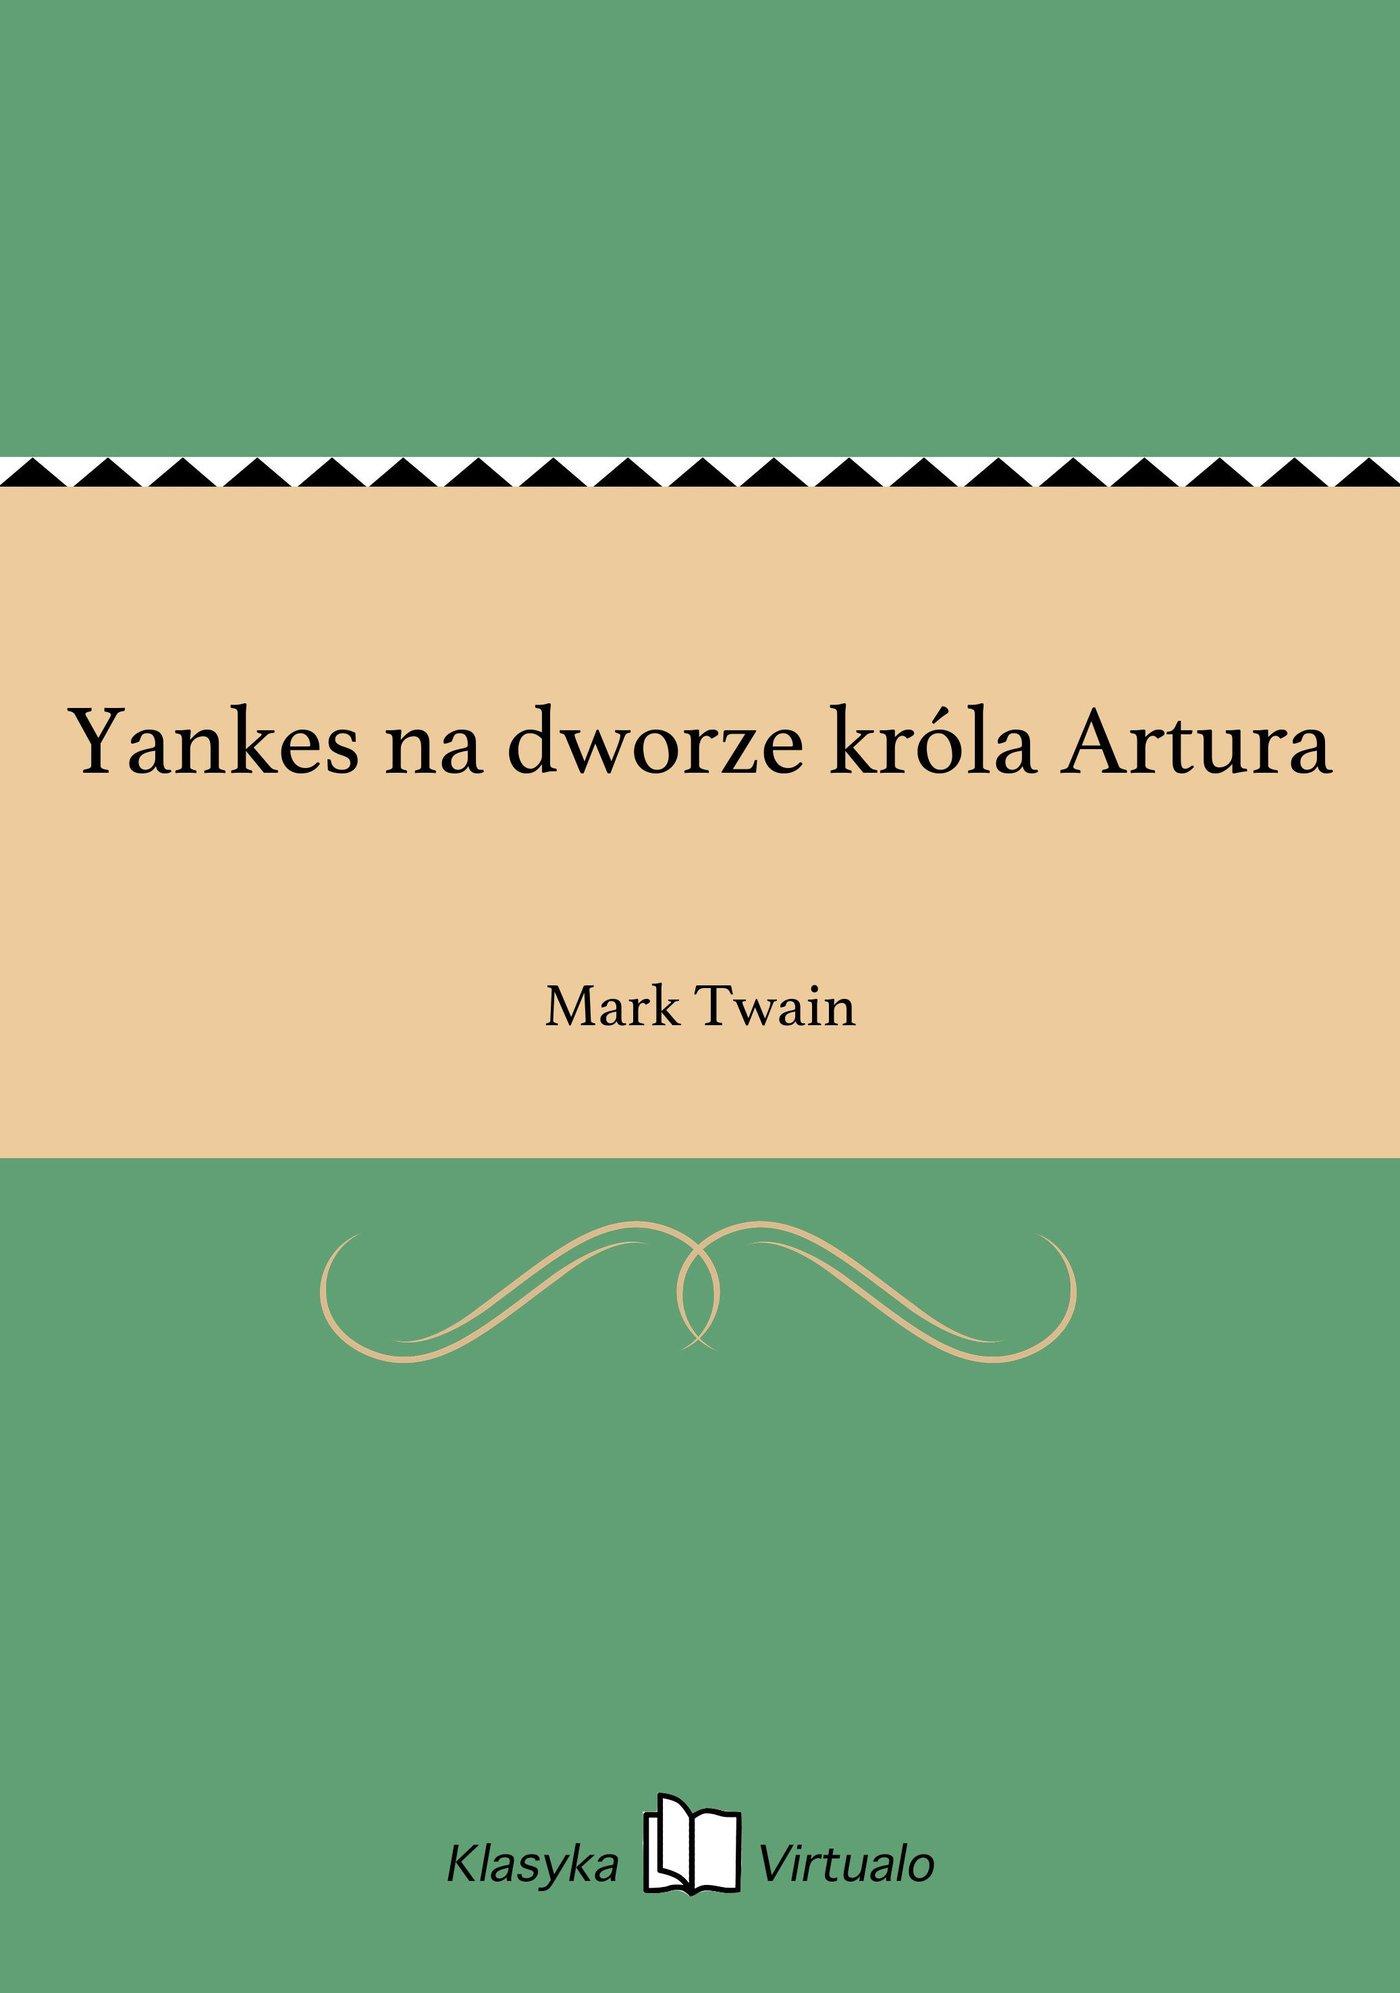 Yankes na dworze króla Artura - Ebook (Książka EPUB) do pobrania w formacie EPUB